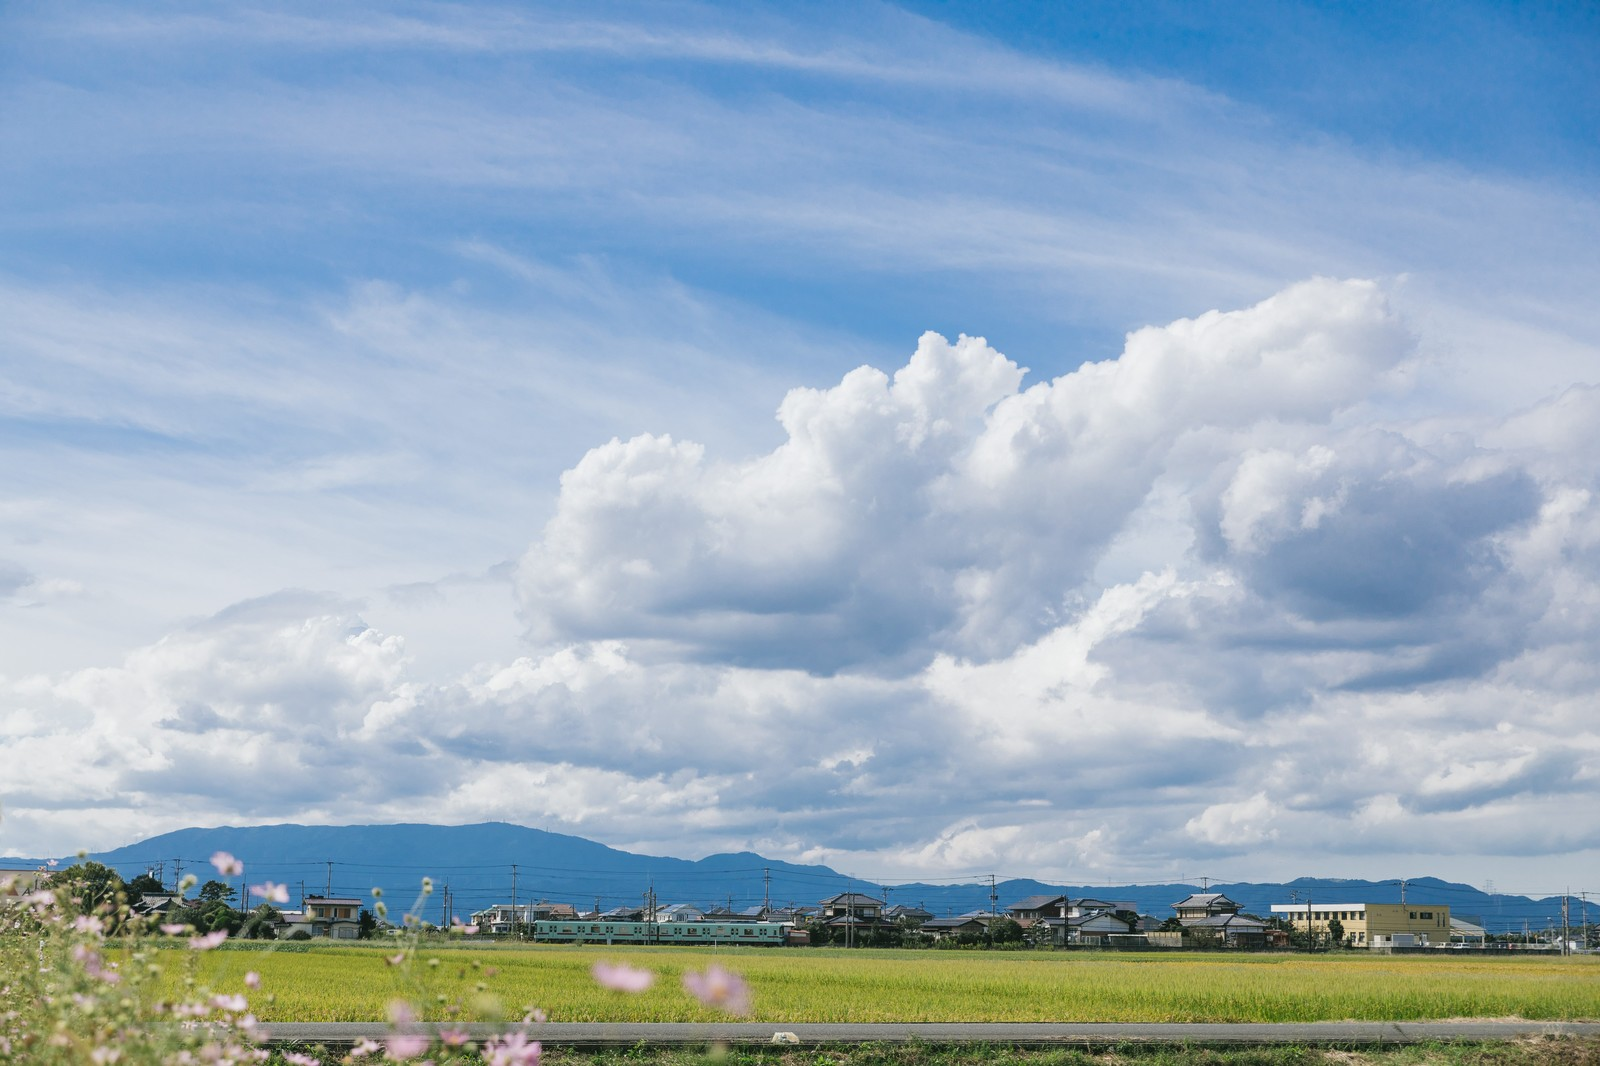 「大刀洗の平野と田園風景」の写真